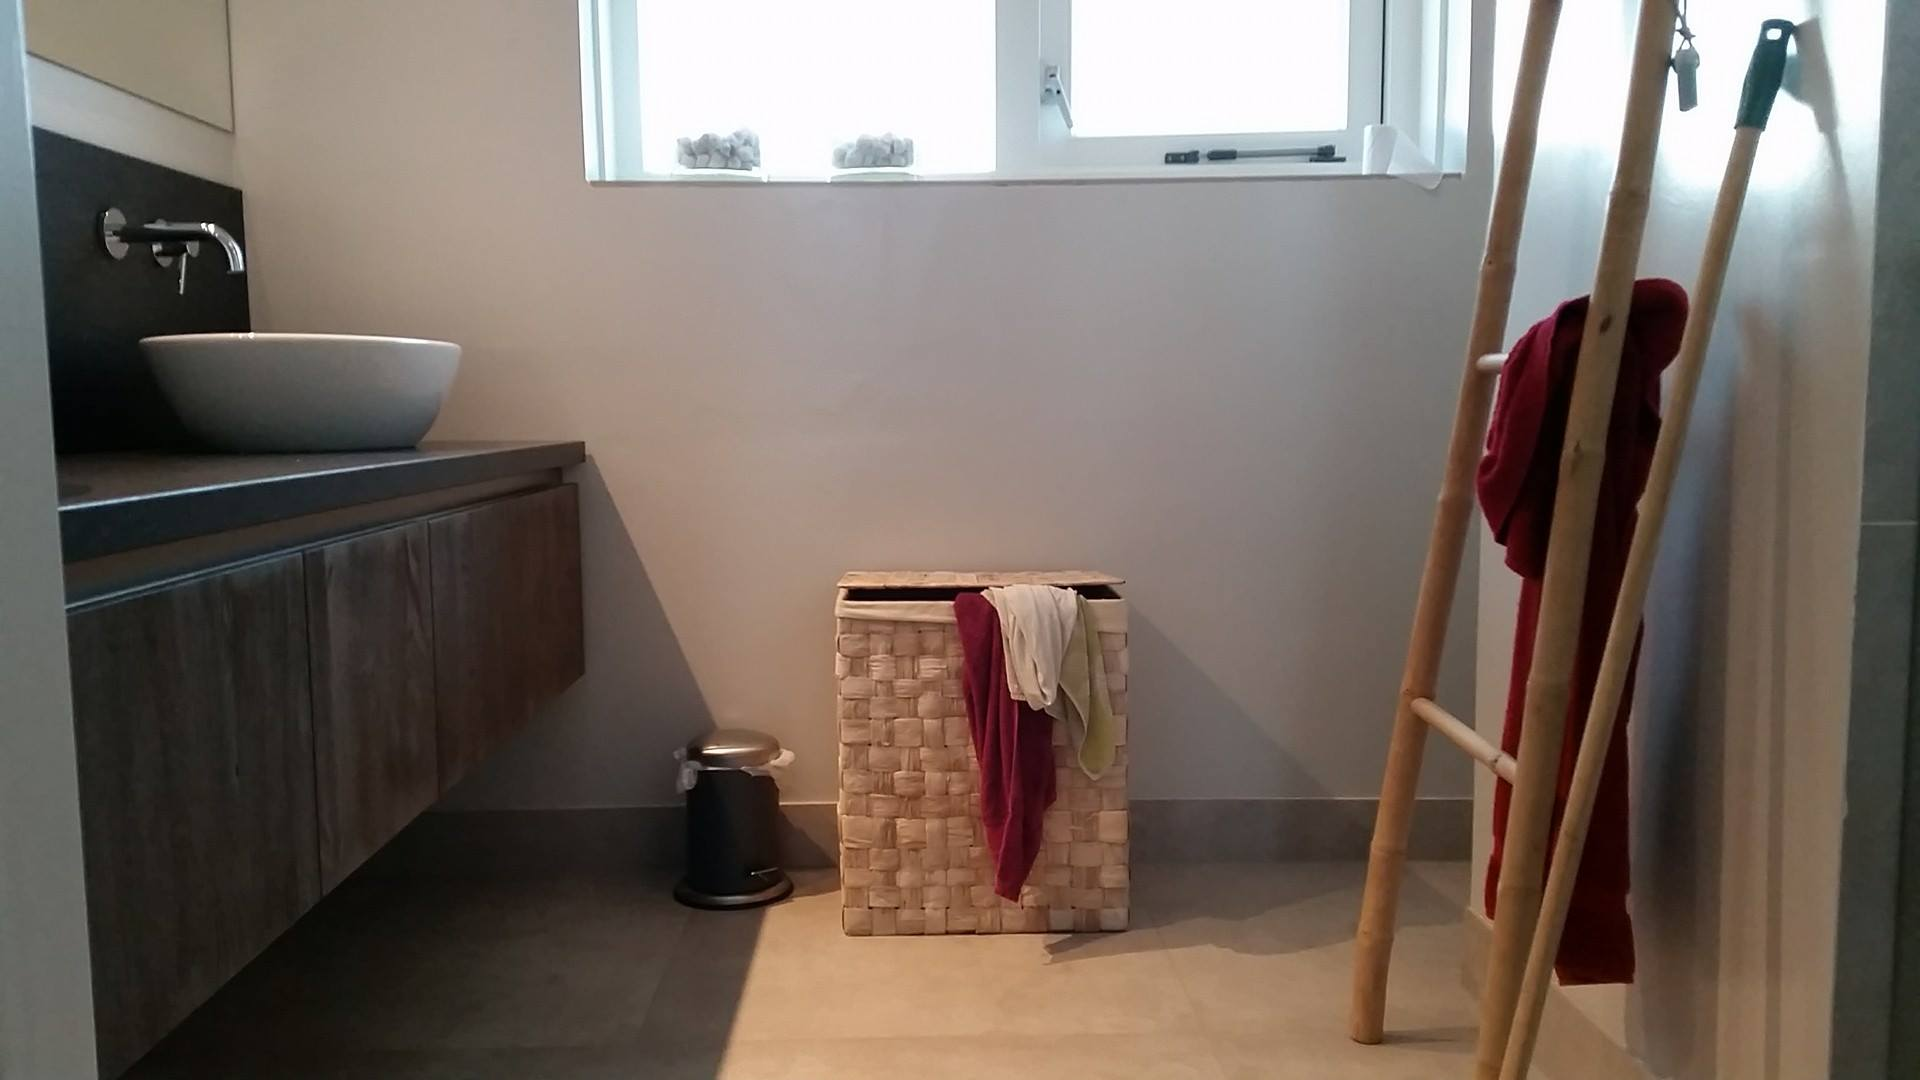 Voorbeelden Van Badkamers : Badkamer voorbeelden van klassieke tot engelse stijl